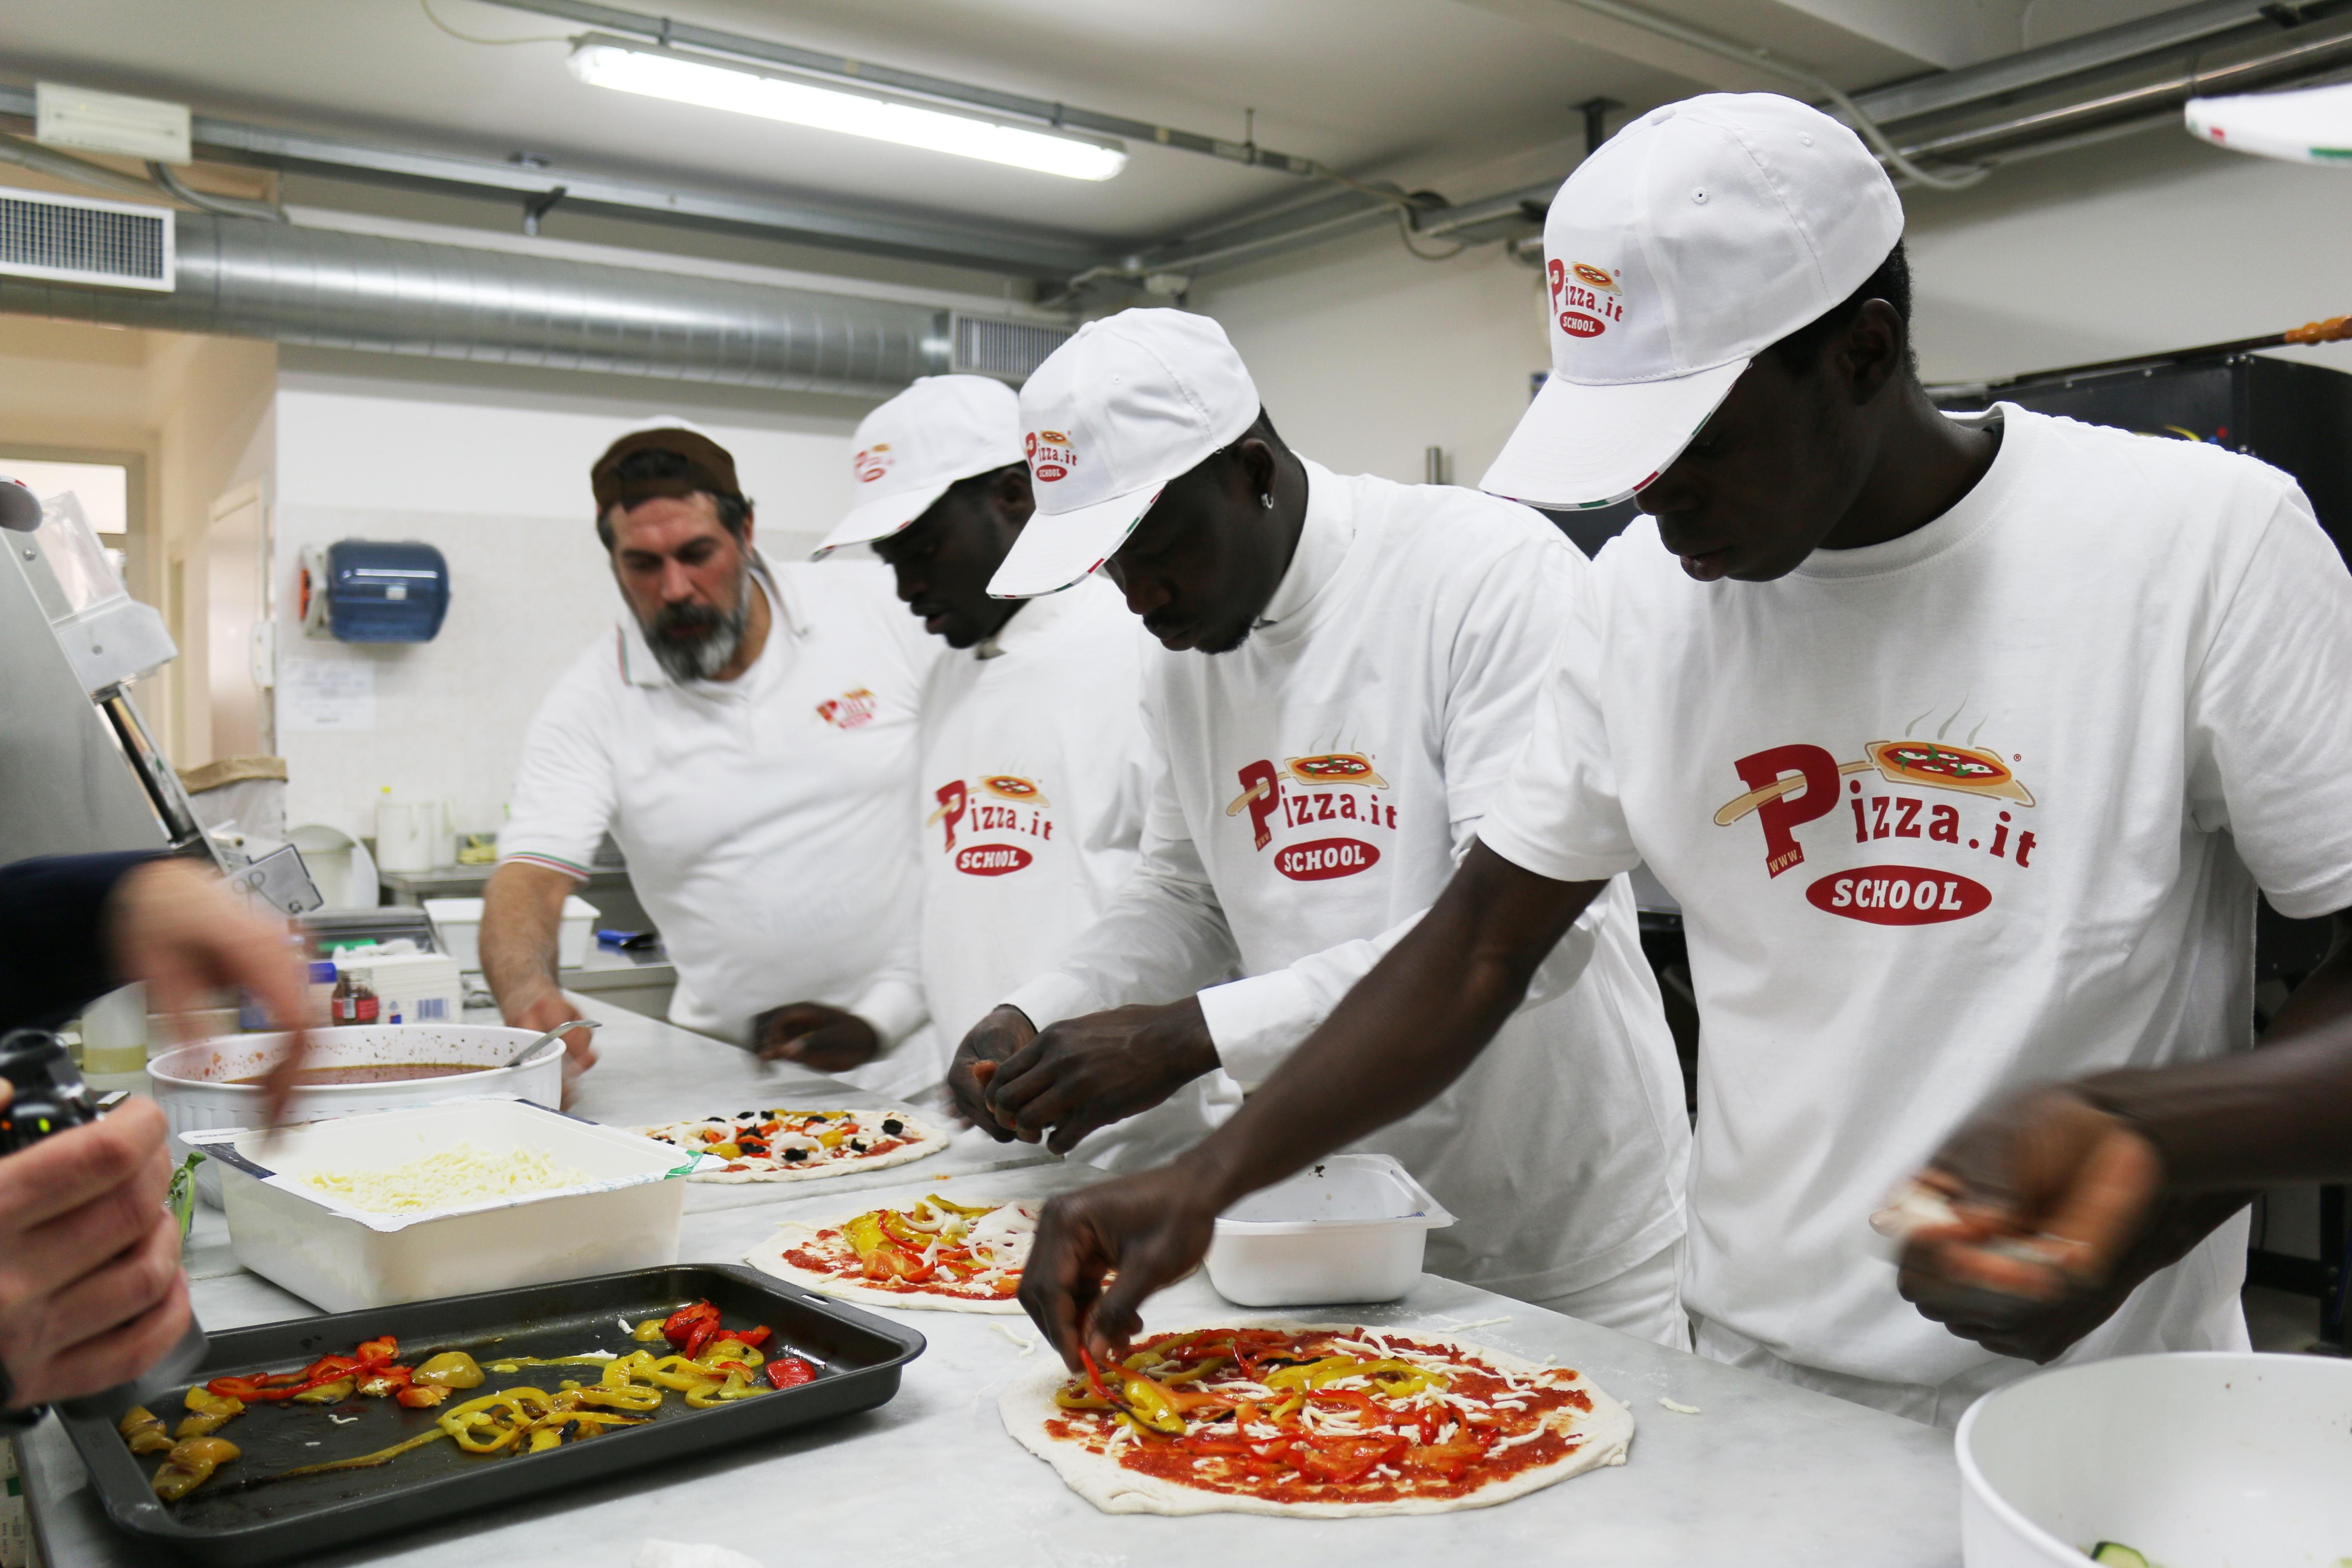 Profughi richiedenti asilo-Corso Aiuto Pizzaioli-Pizza.it School